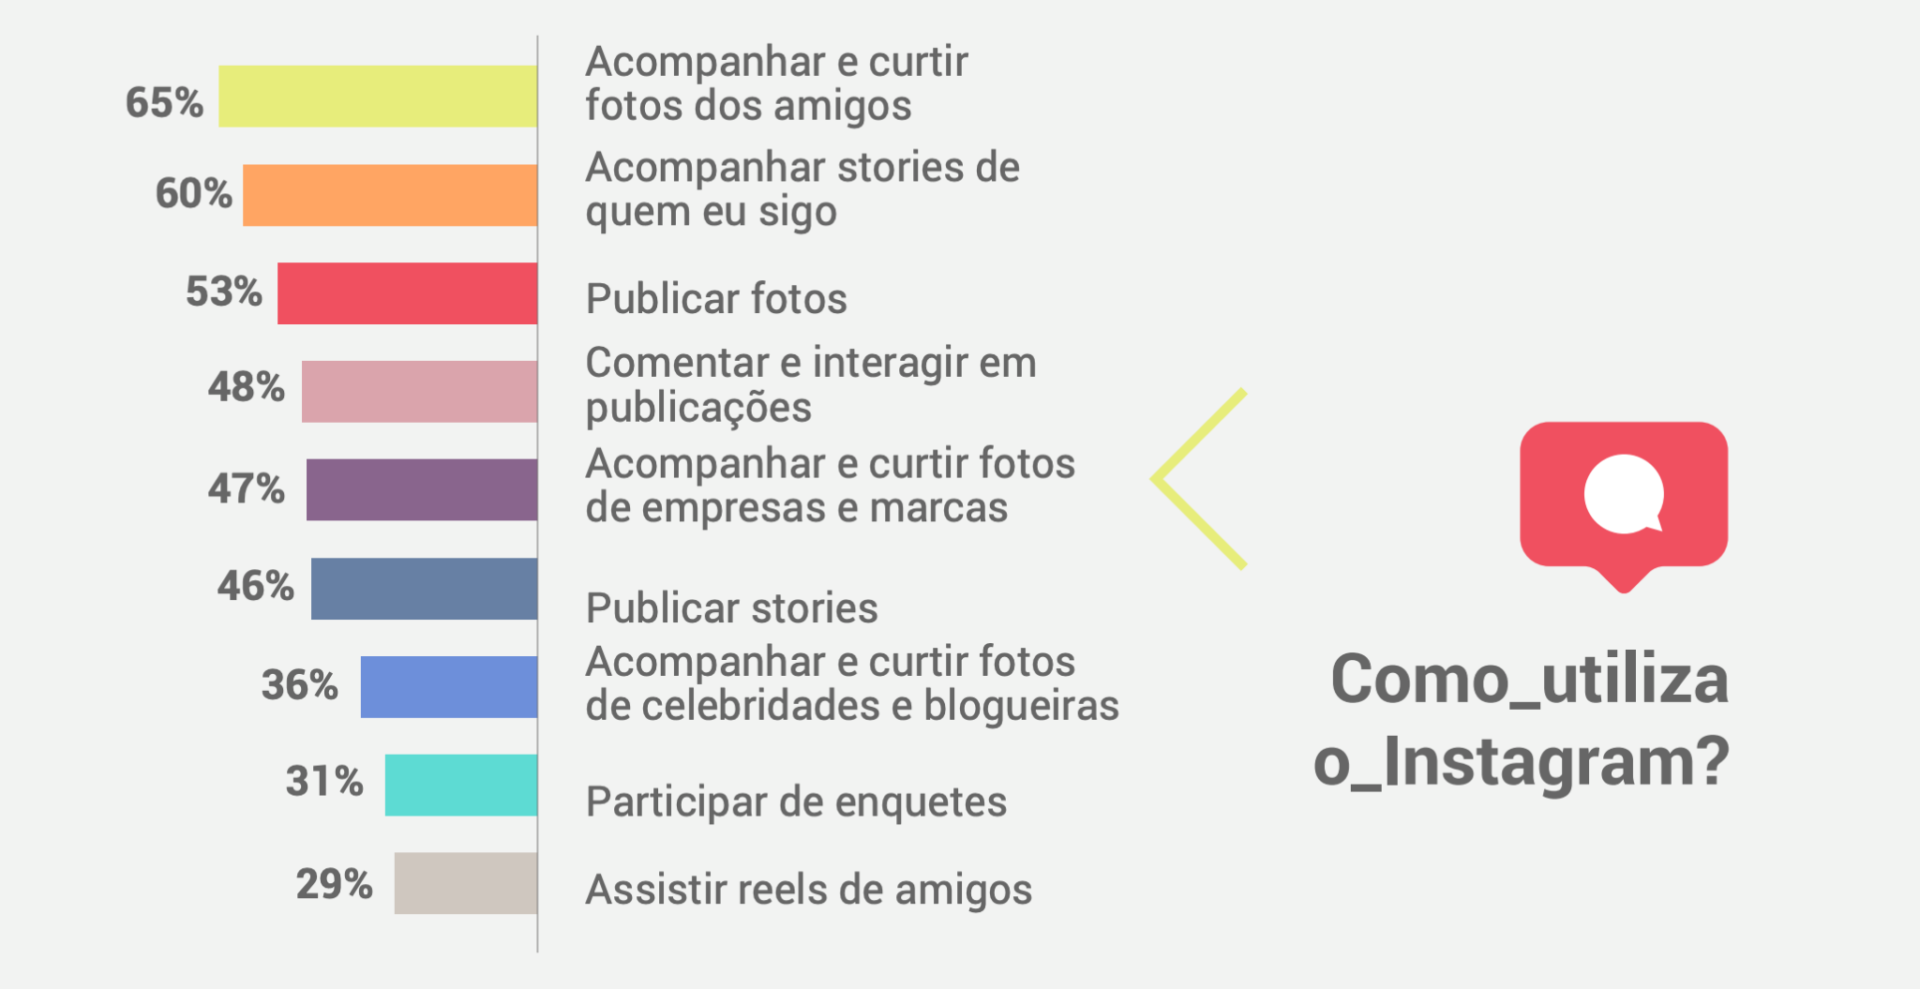 como utilizam o INstagram 1920x989 - Instagram no Brasil: saiba qual é a visão dos usuários